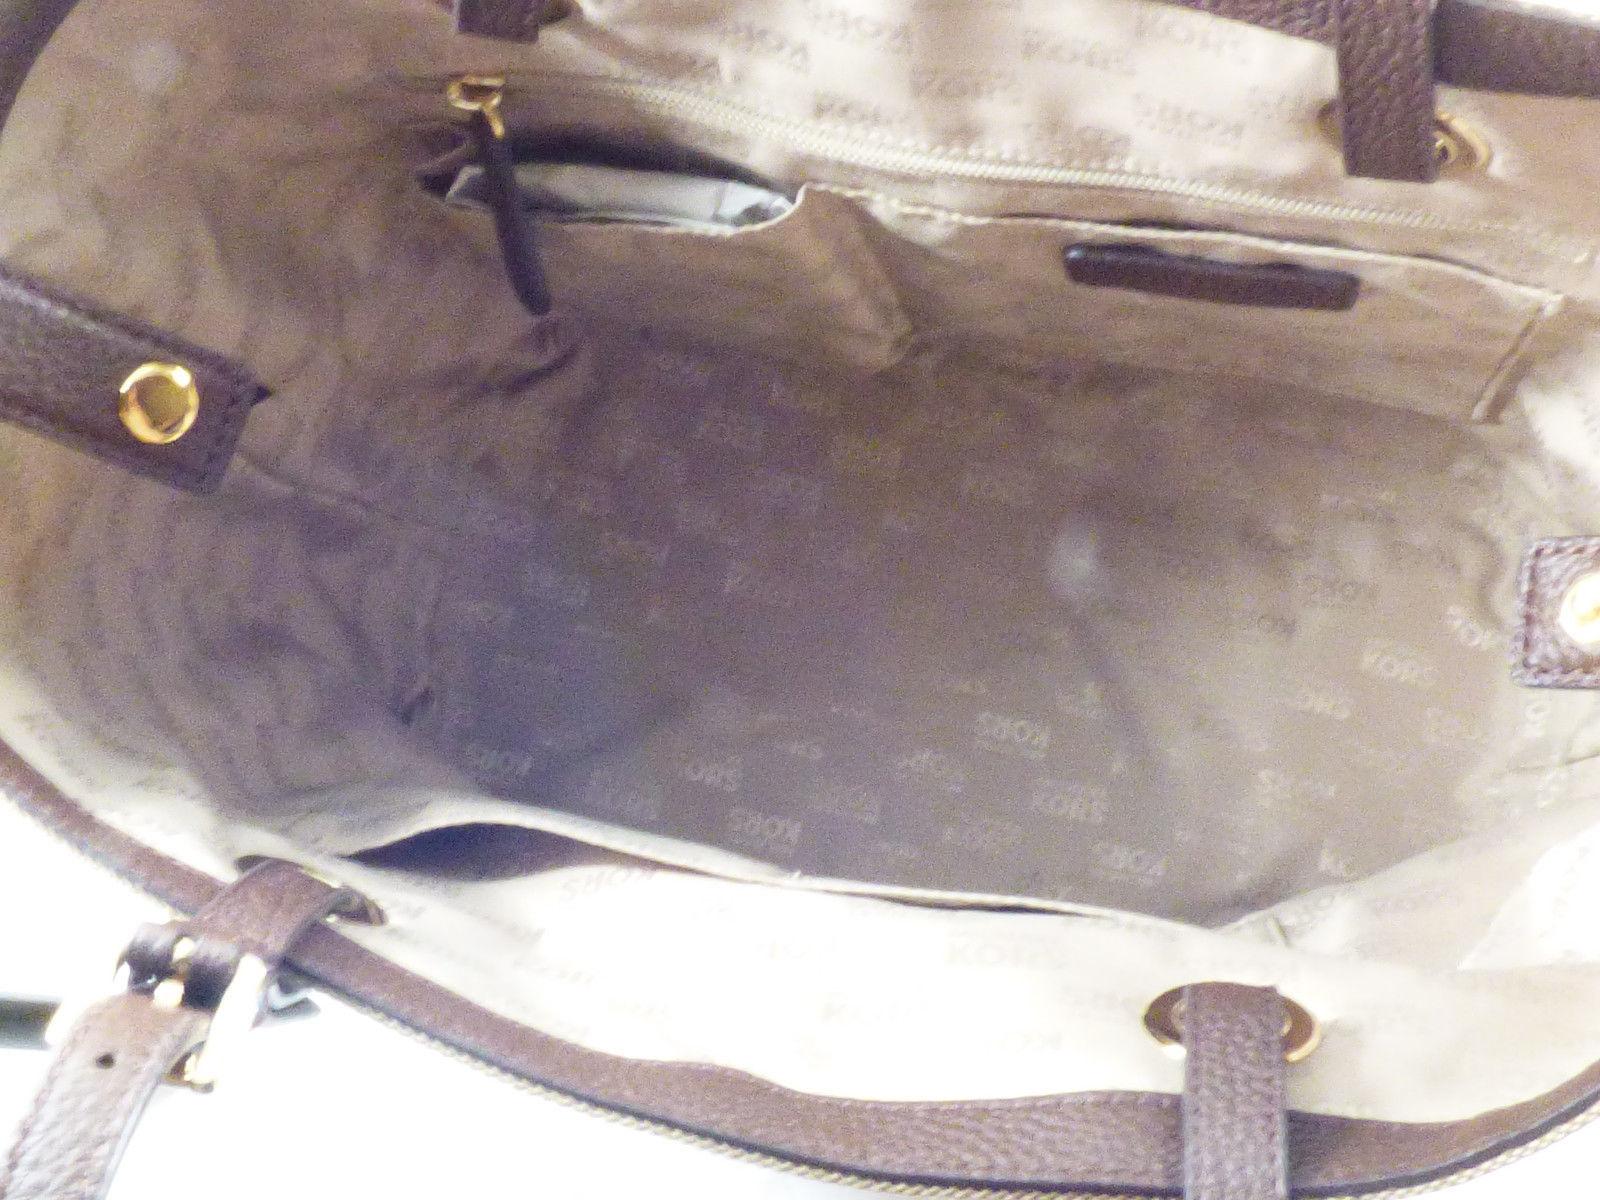 93fc4d52b4d8 NWT MK Michael Kors Jet Set Large Pocket and 43 similar items